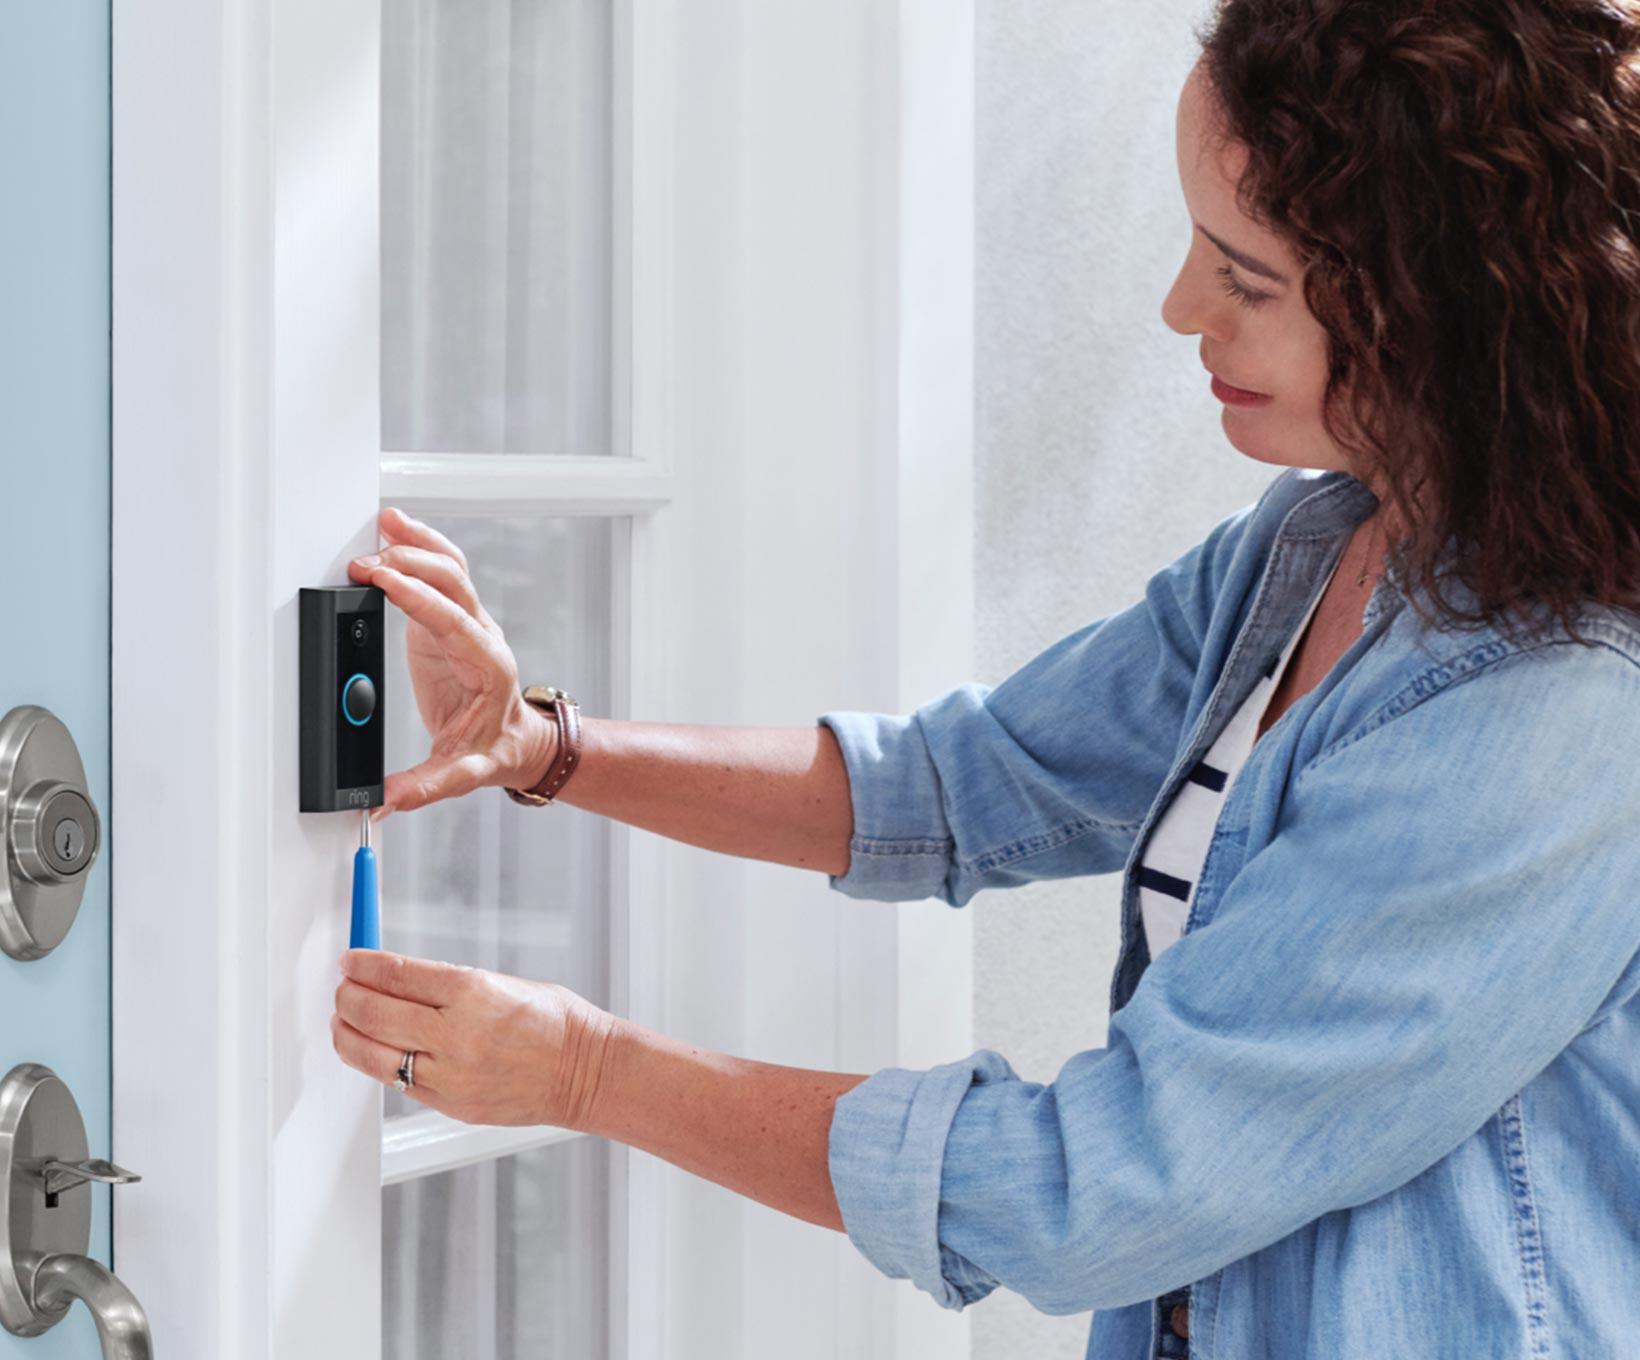 Kies de juiste installatie voor je huis